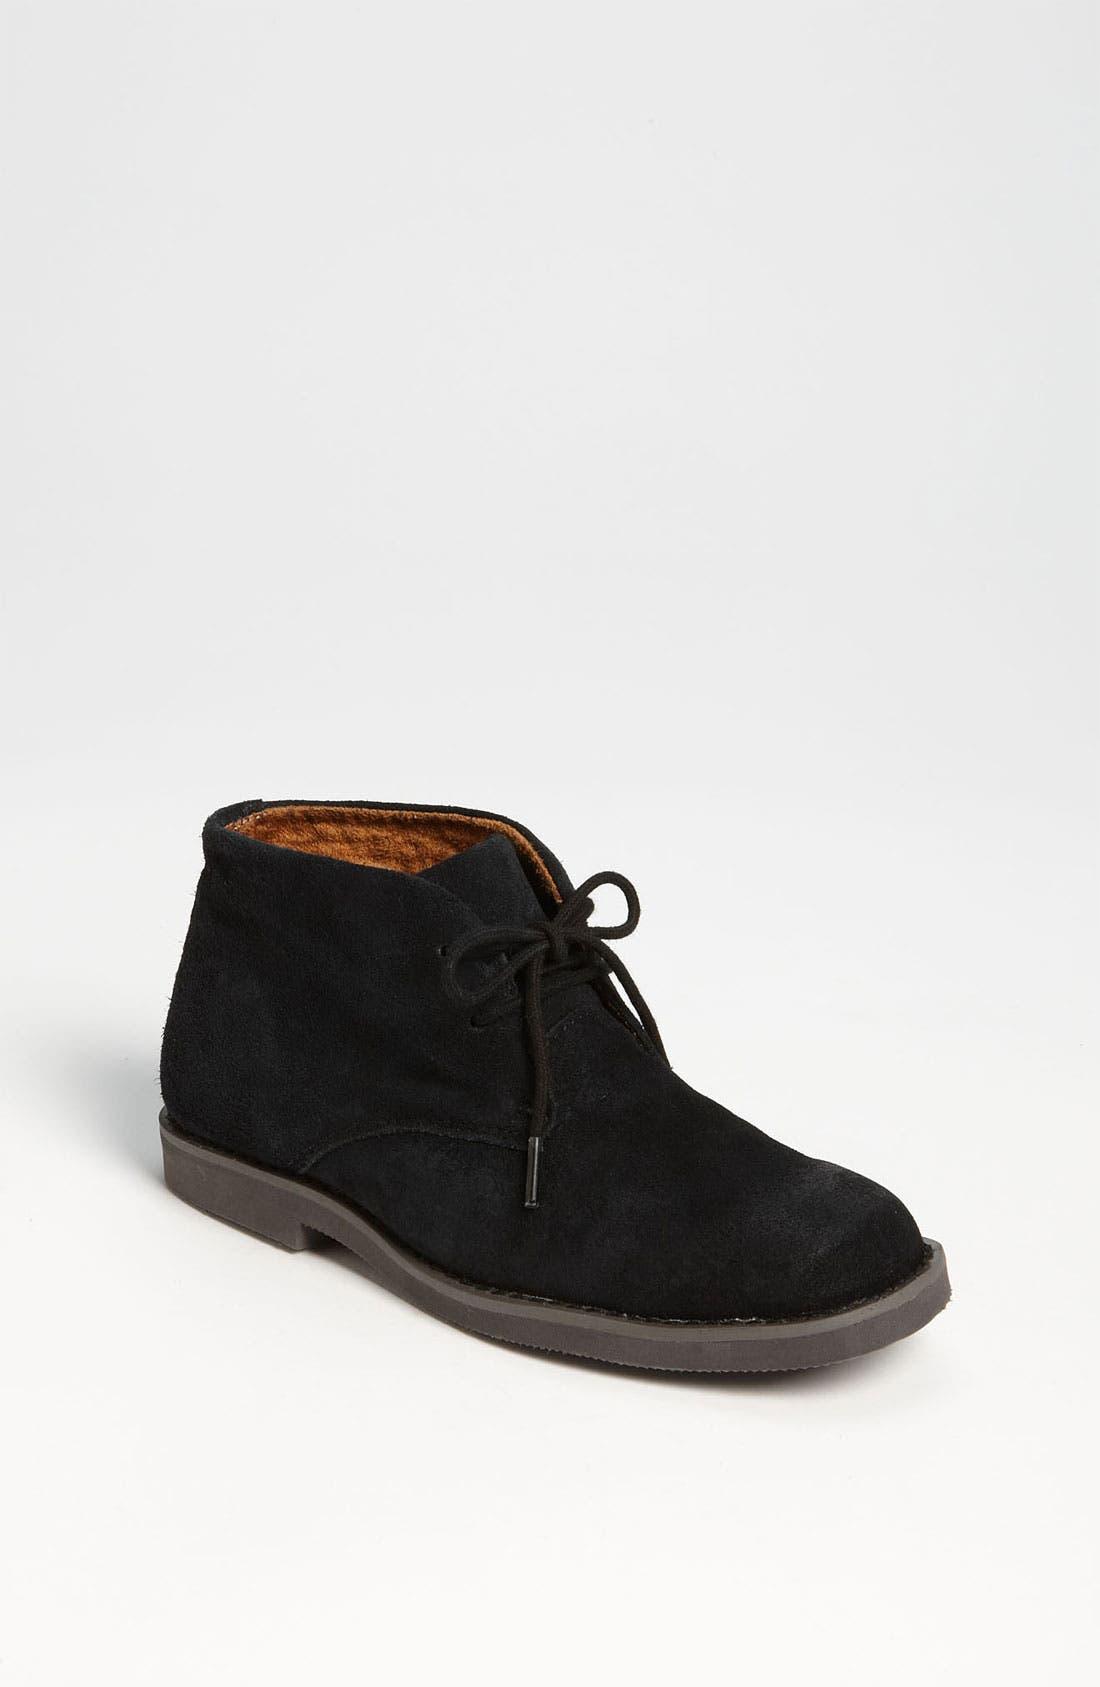 FLORSHEIM 'Quinlan' Chukka Boot